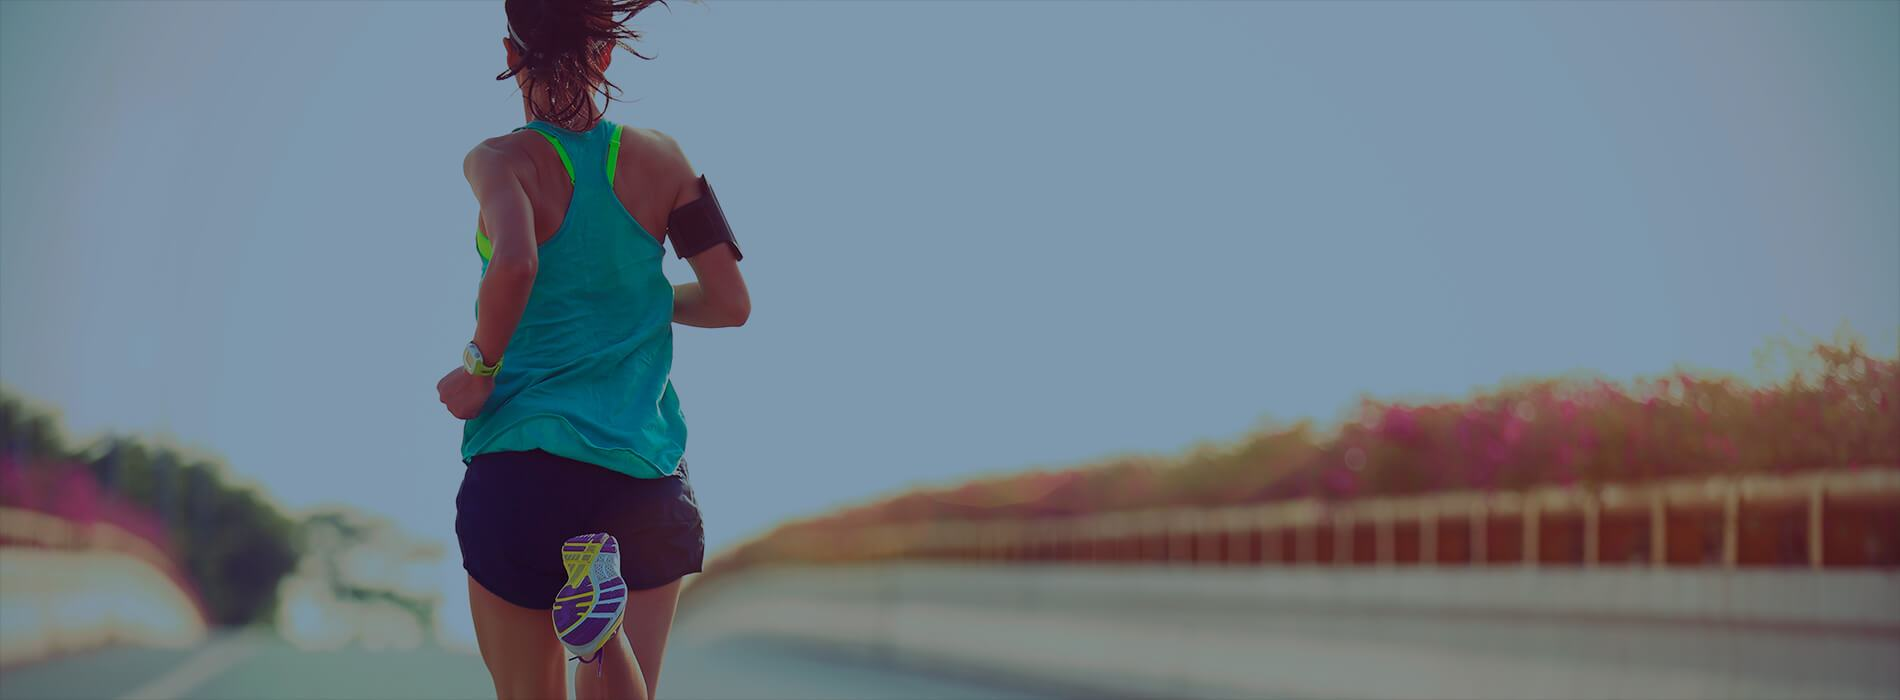 Autonomia para correr